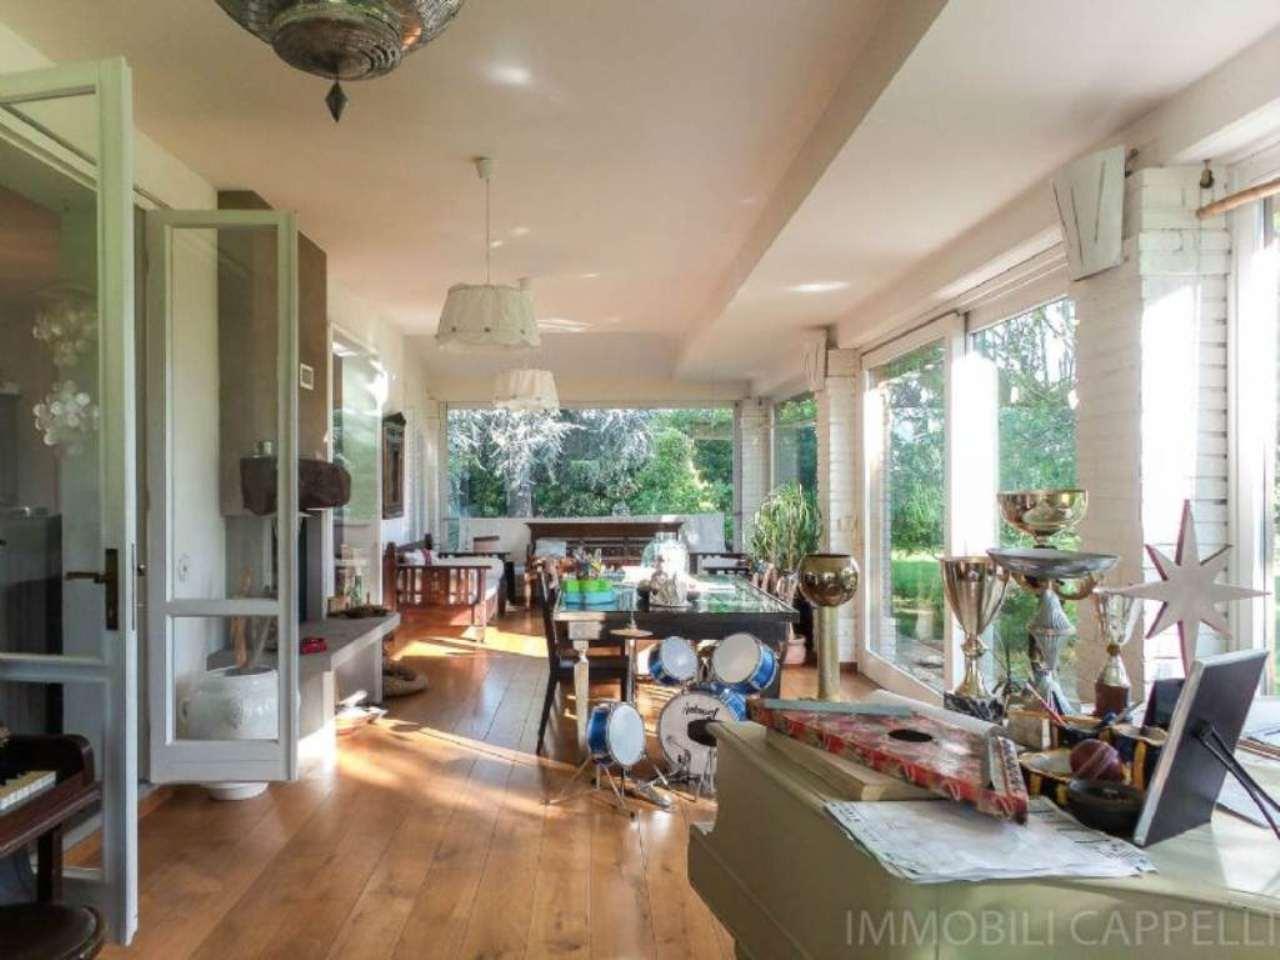 Villa Bifamiliare in vendita a Cesena, 6 locali, Trattative riservate | CambioCasa.it